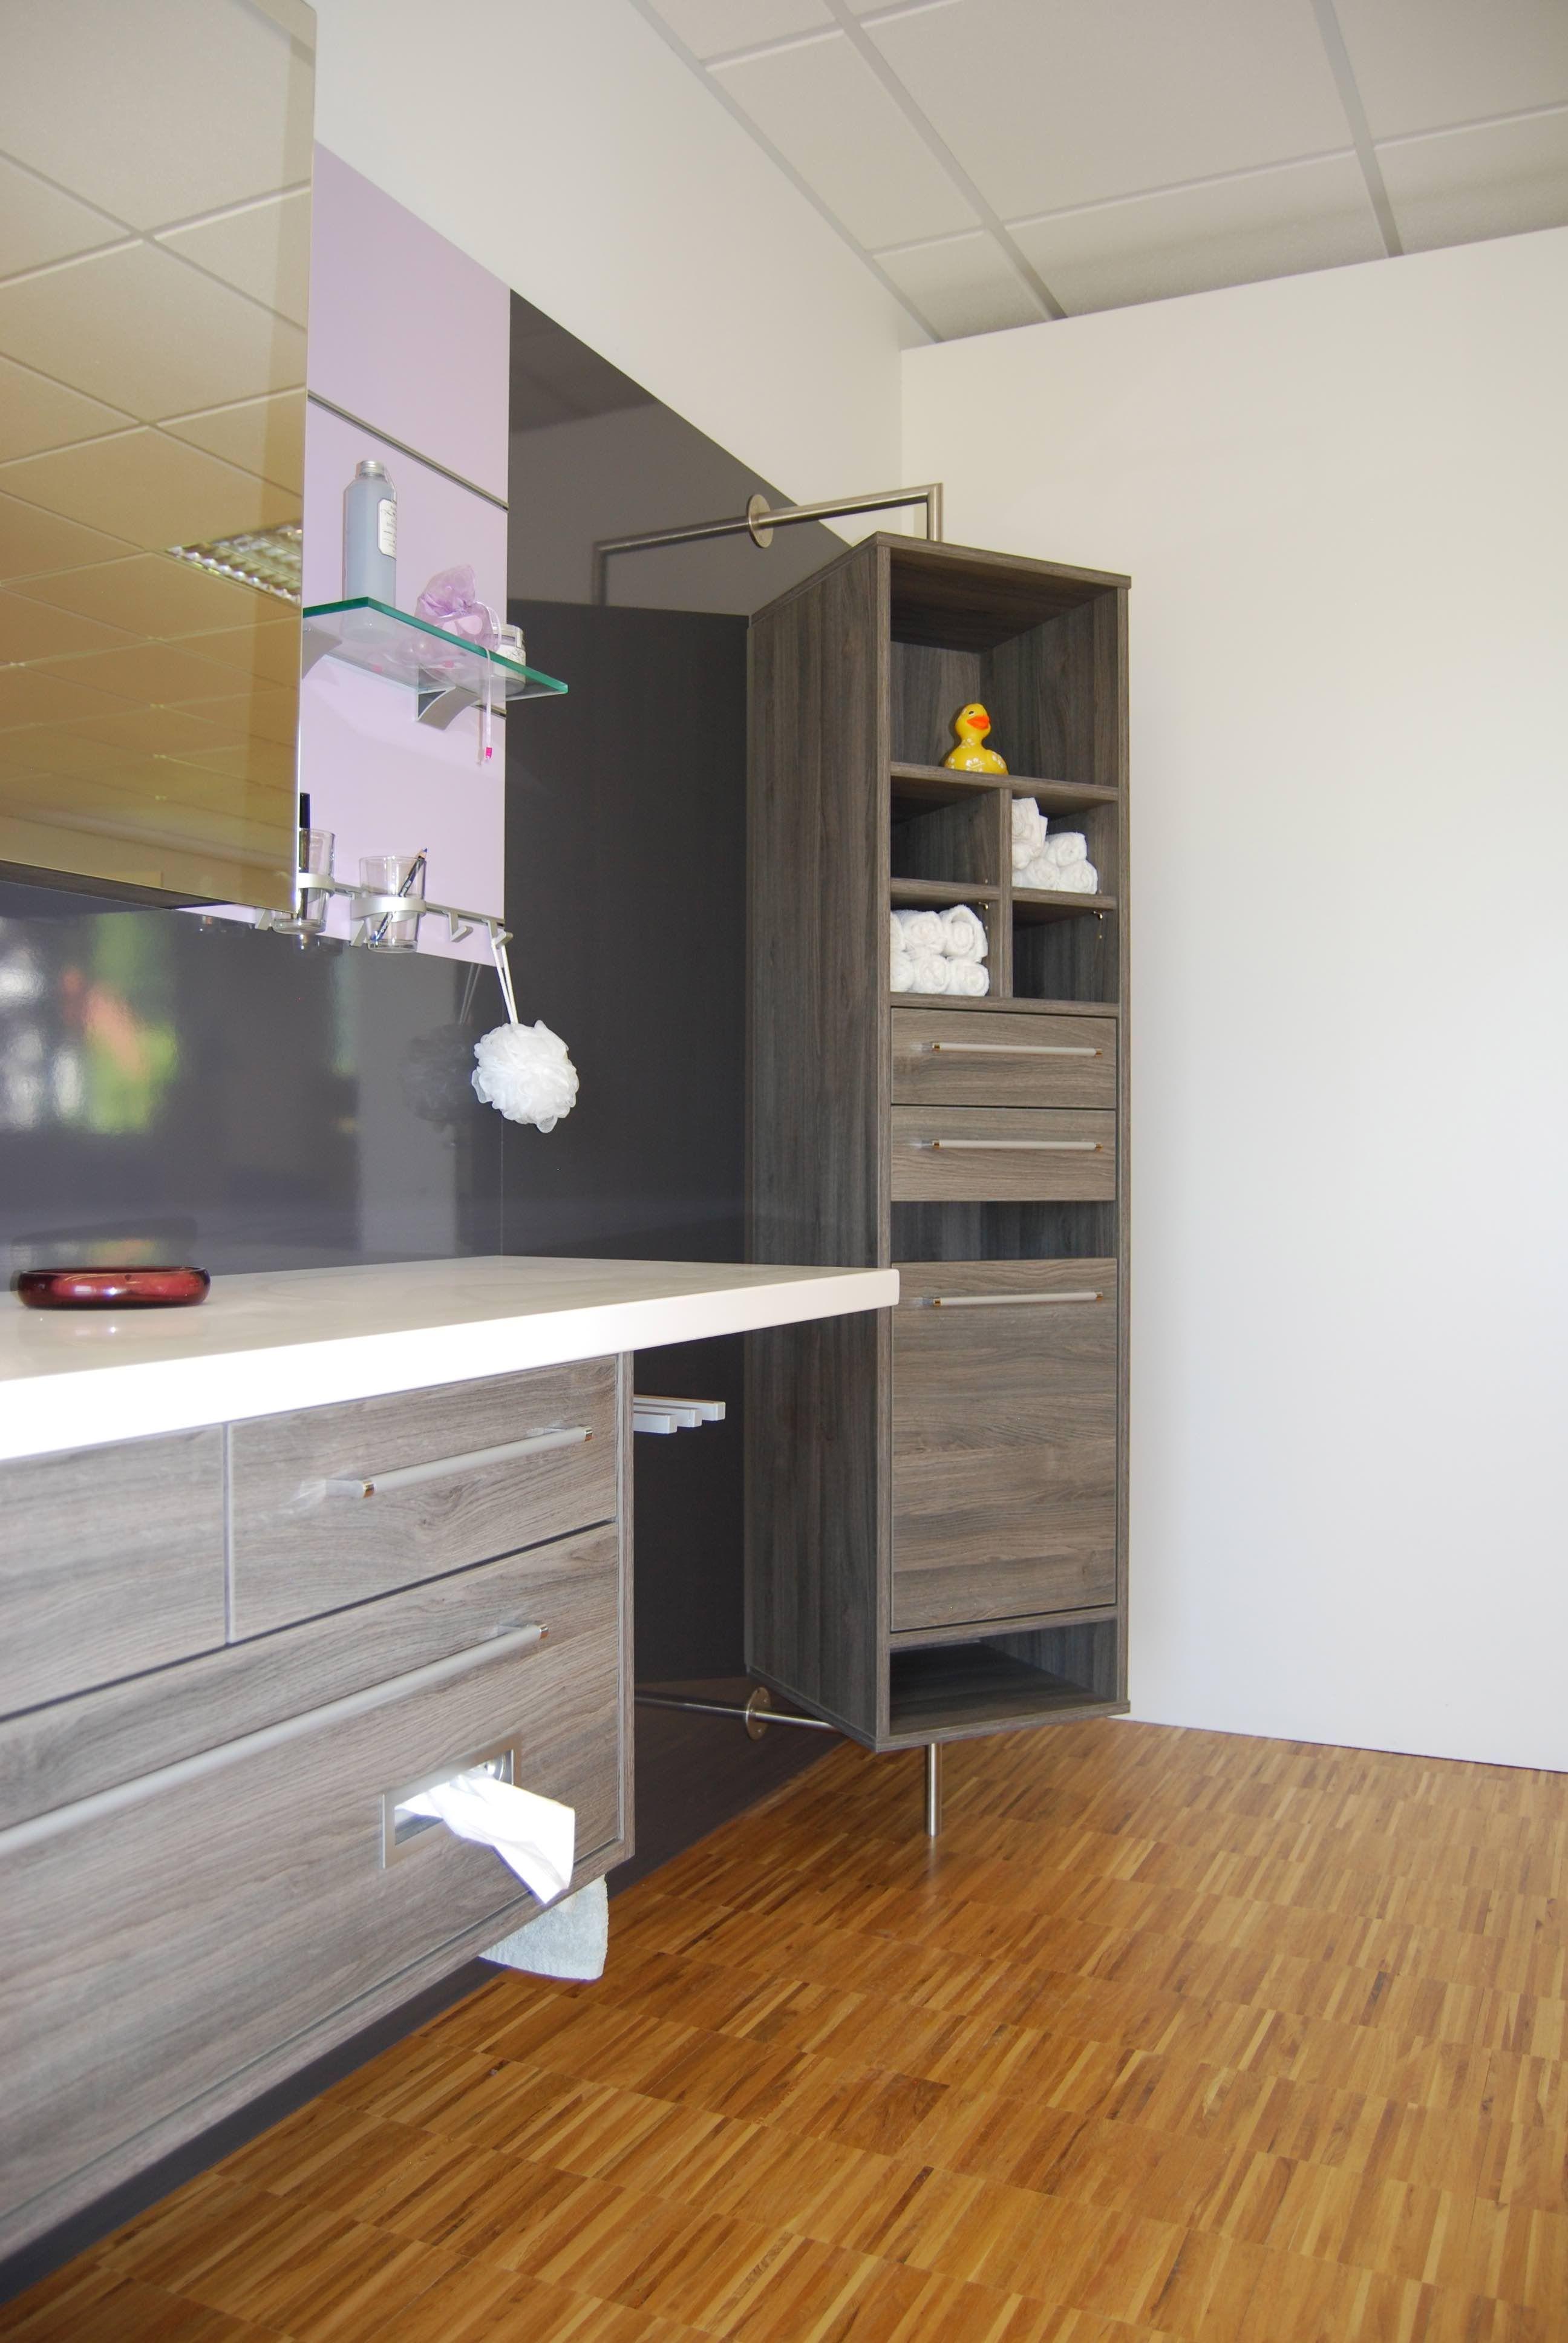 badezimmer einbauschrank aufstellungsort pic und ffdbeadbabe